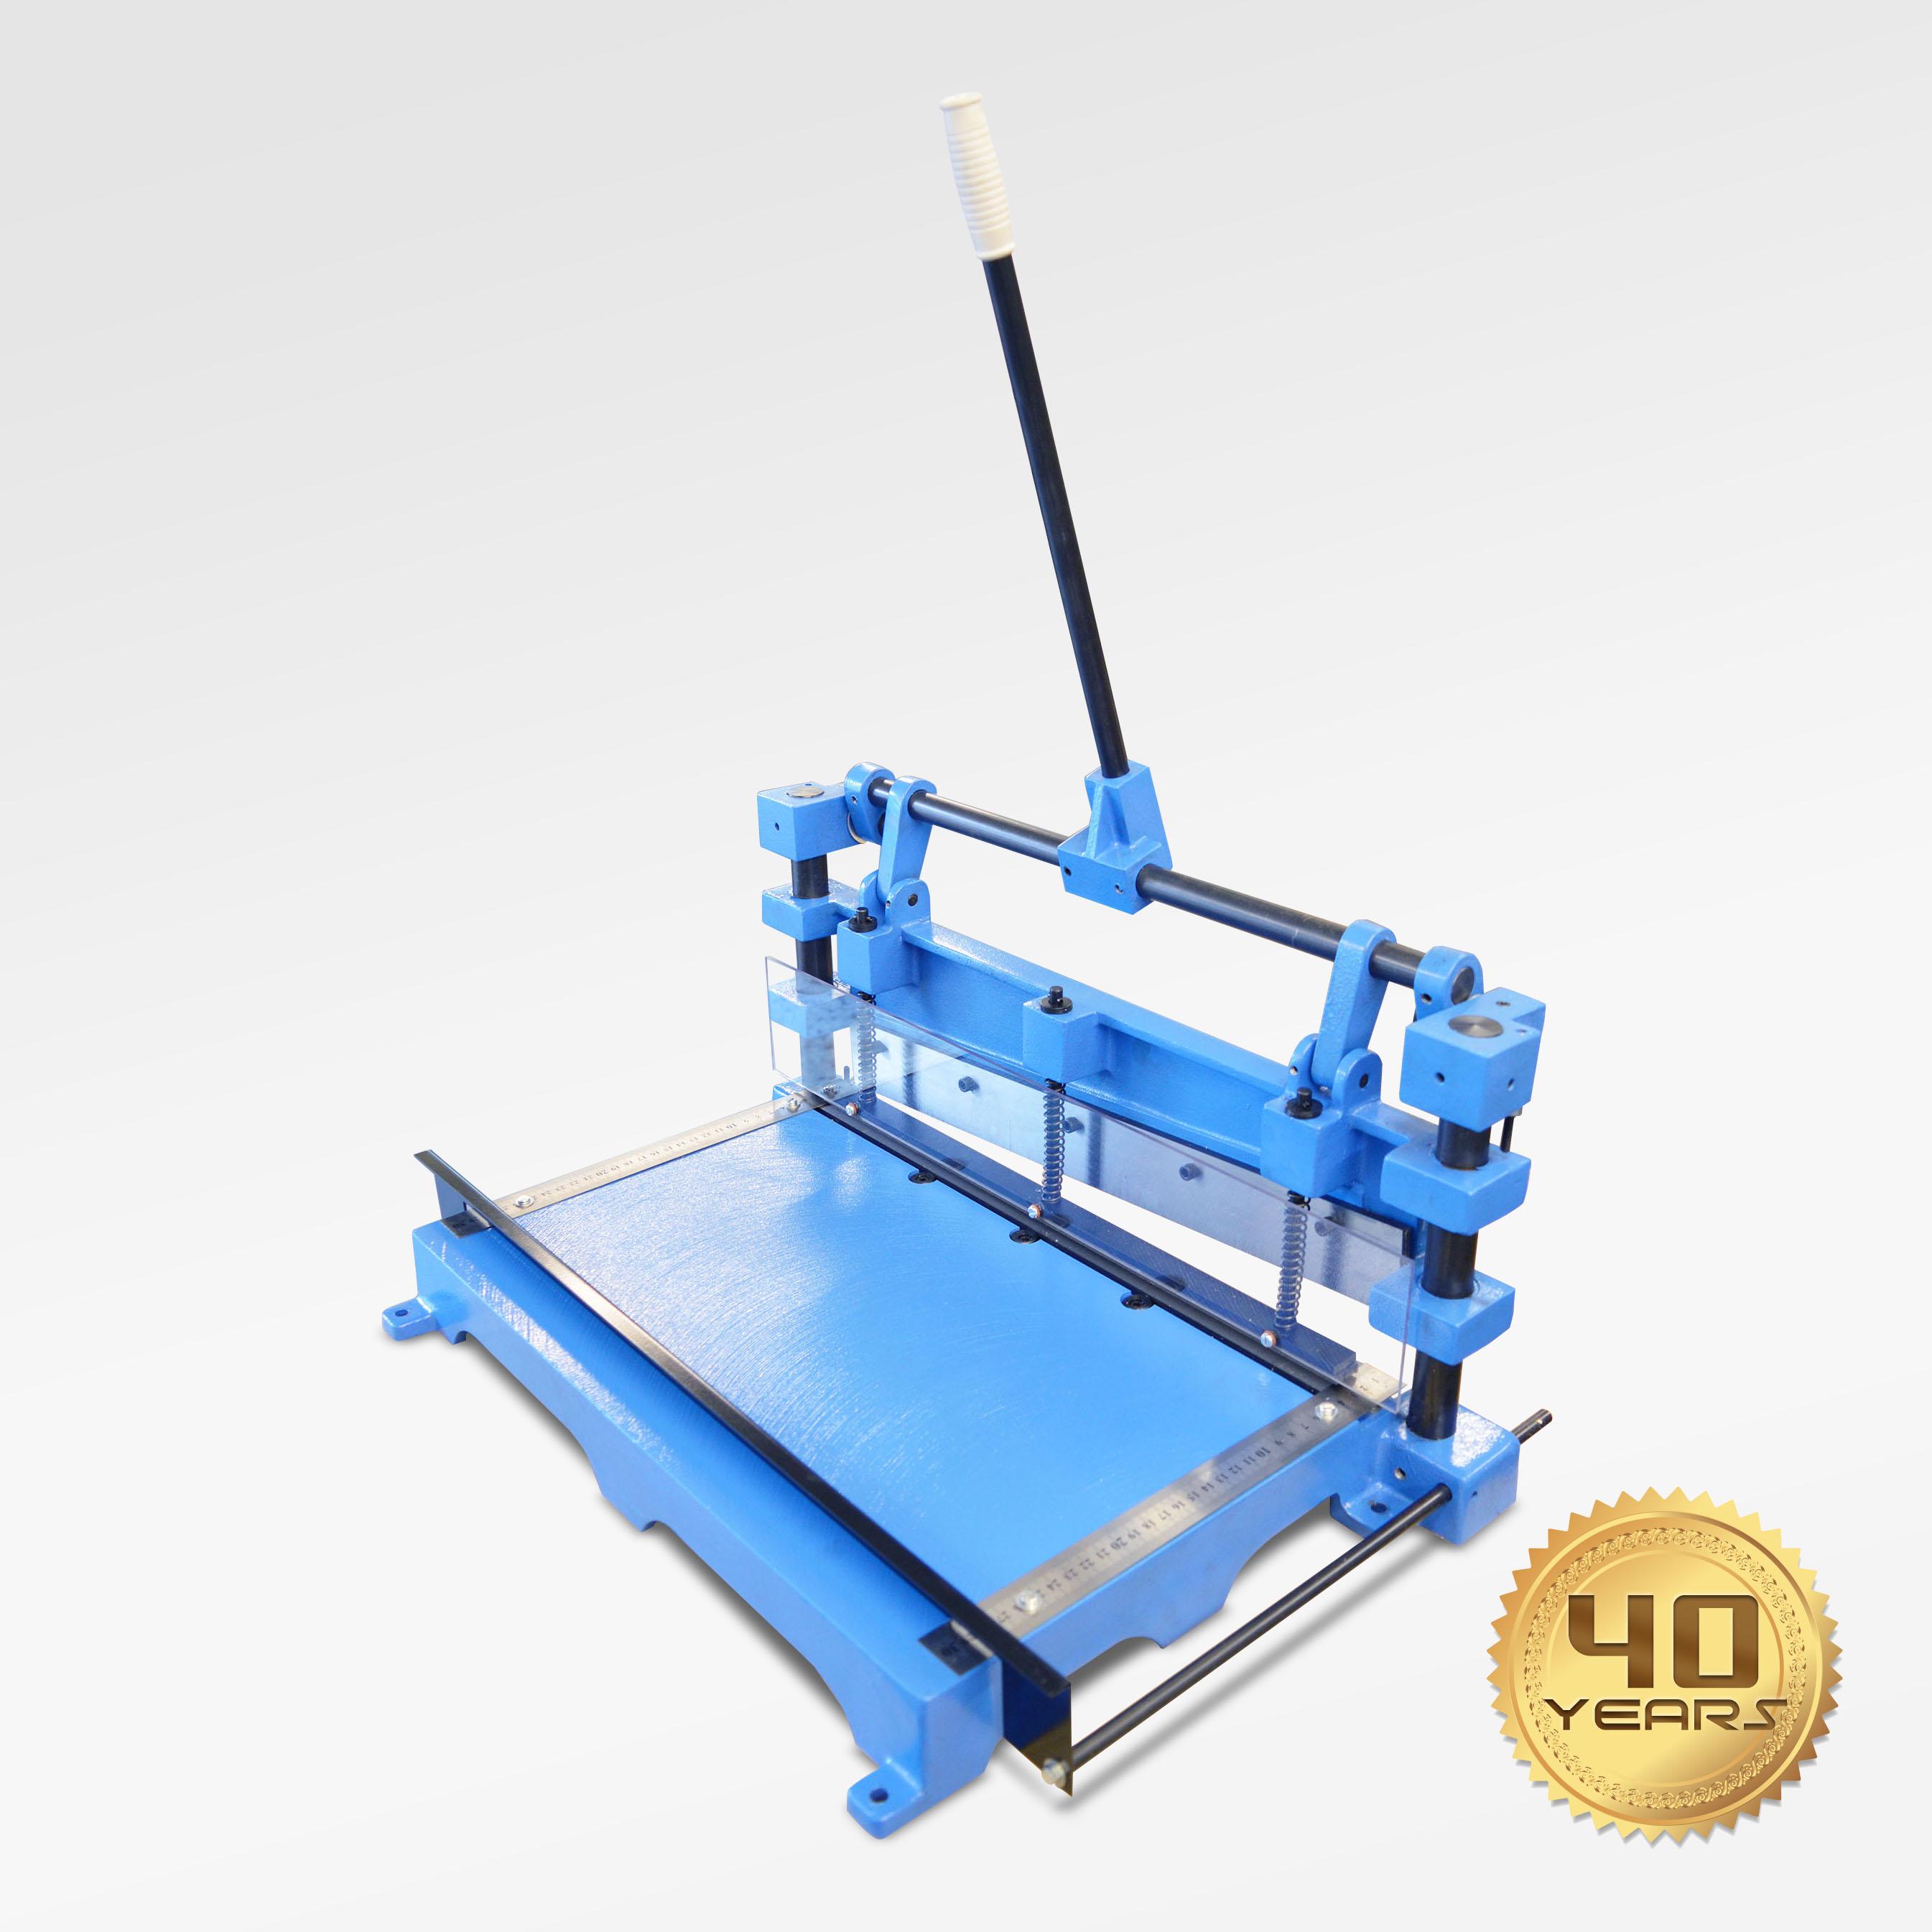 12/'/' Hand Shear Cutter Cutting Sheet Metal Steel Plastic Brass